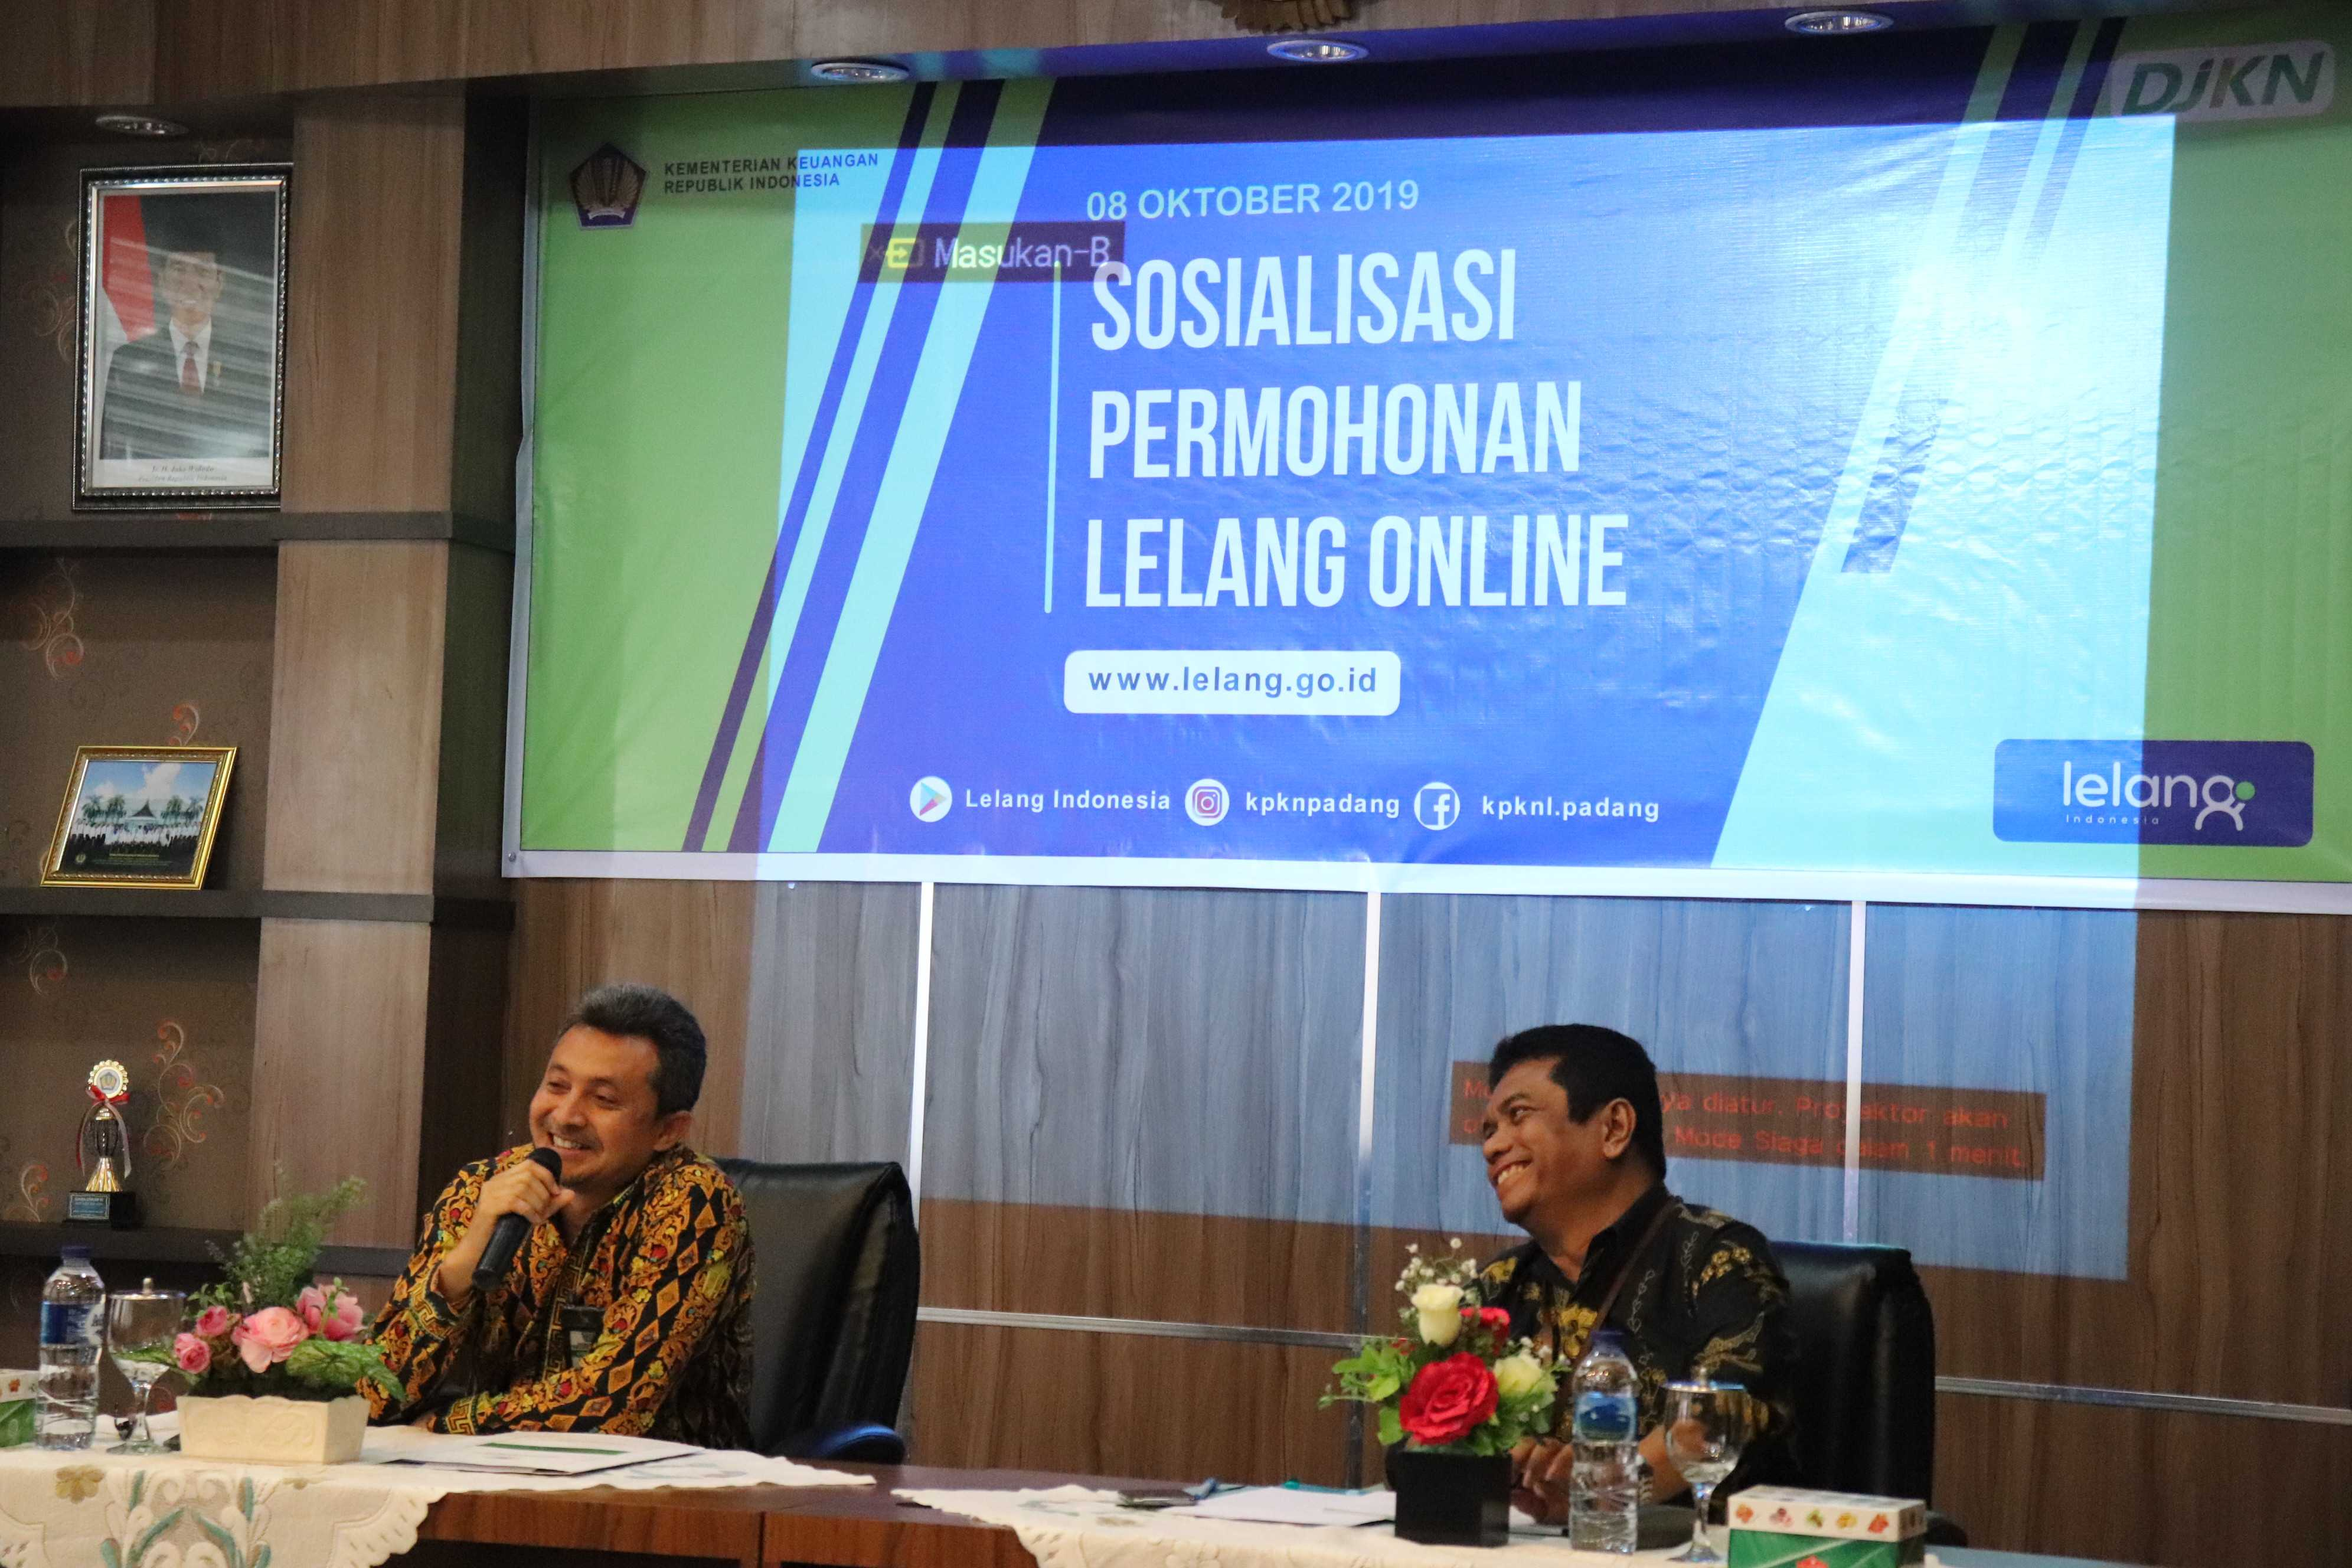 KPKNL Padang Sosialisasi Permohonan Lelang Online dengan Perbankan